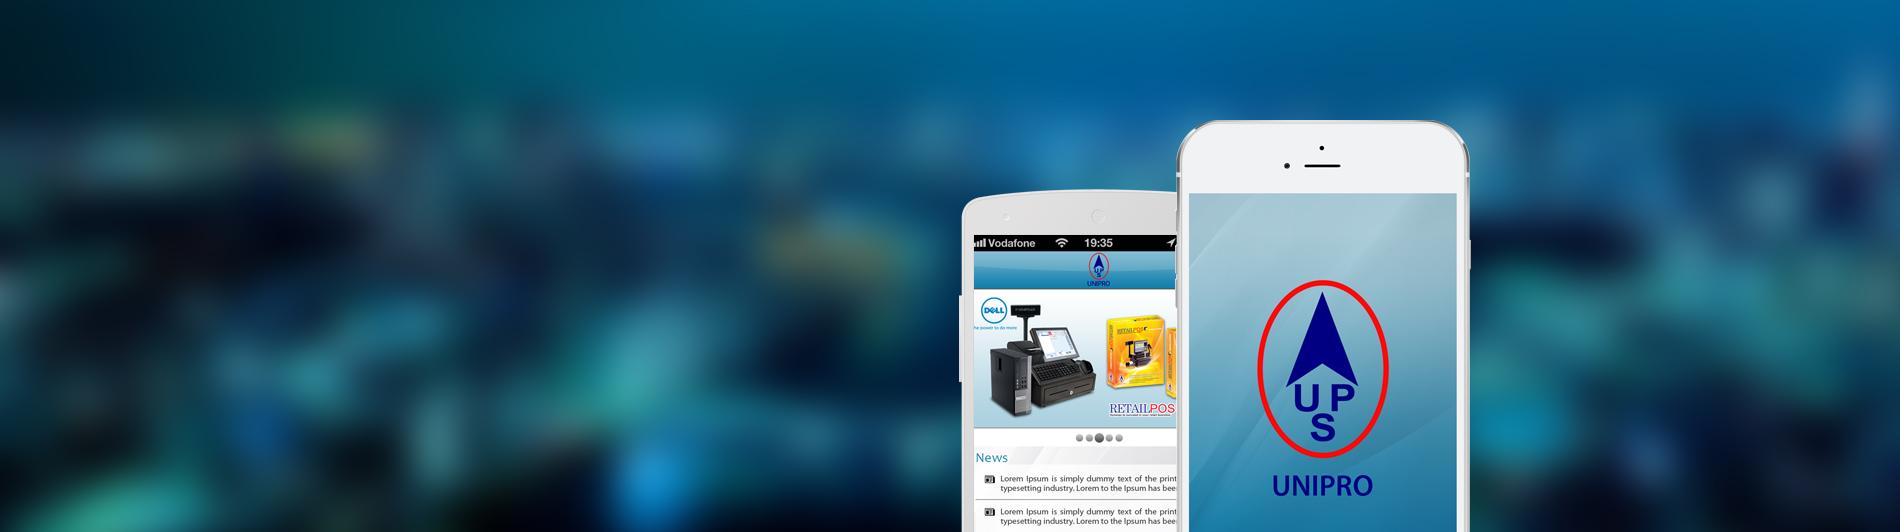 Unipro Slider-Show Unipro Mobile Solution - 8